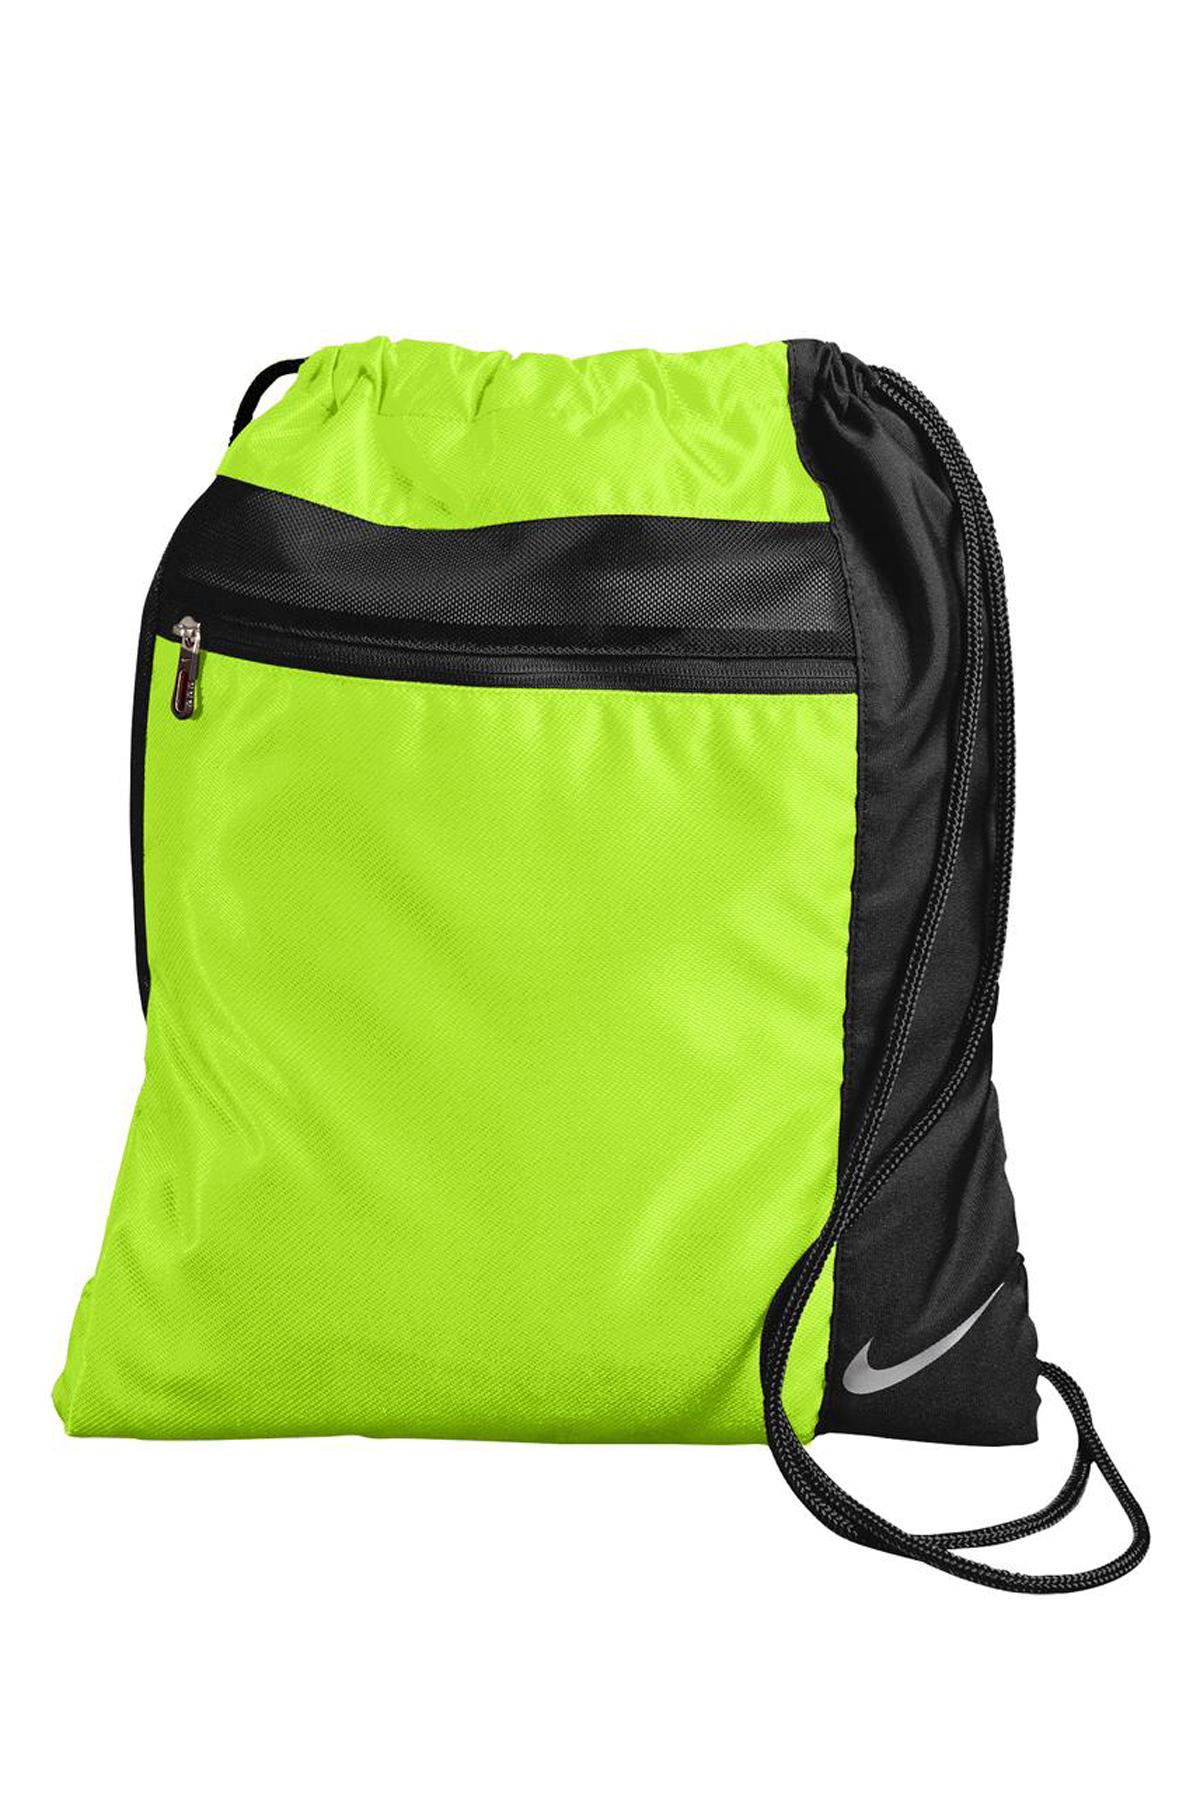 Bags-Cinch-10